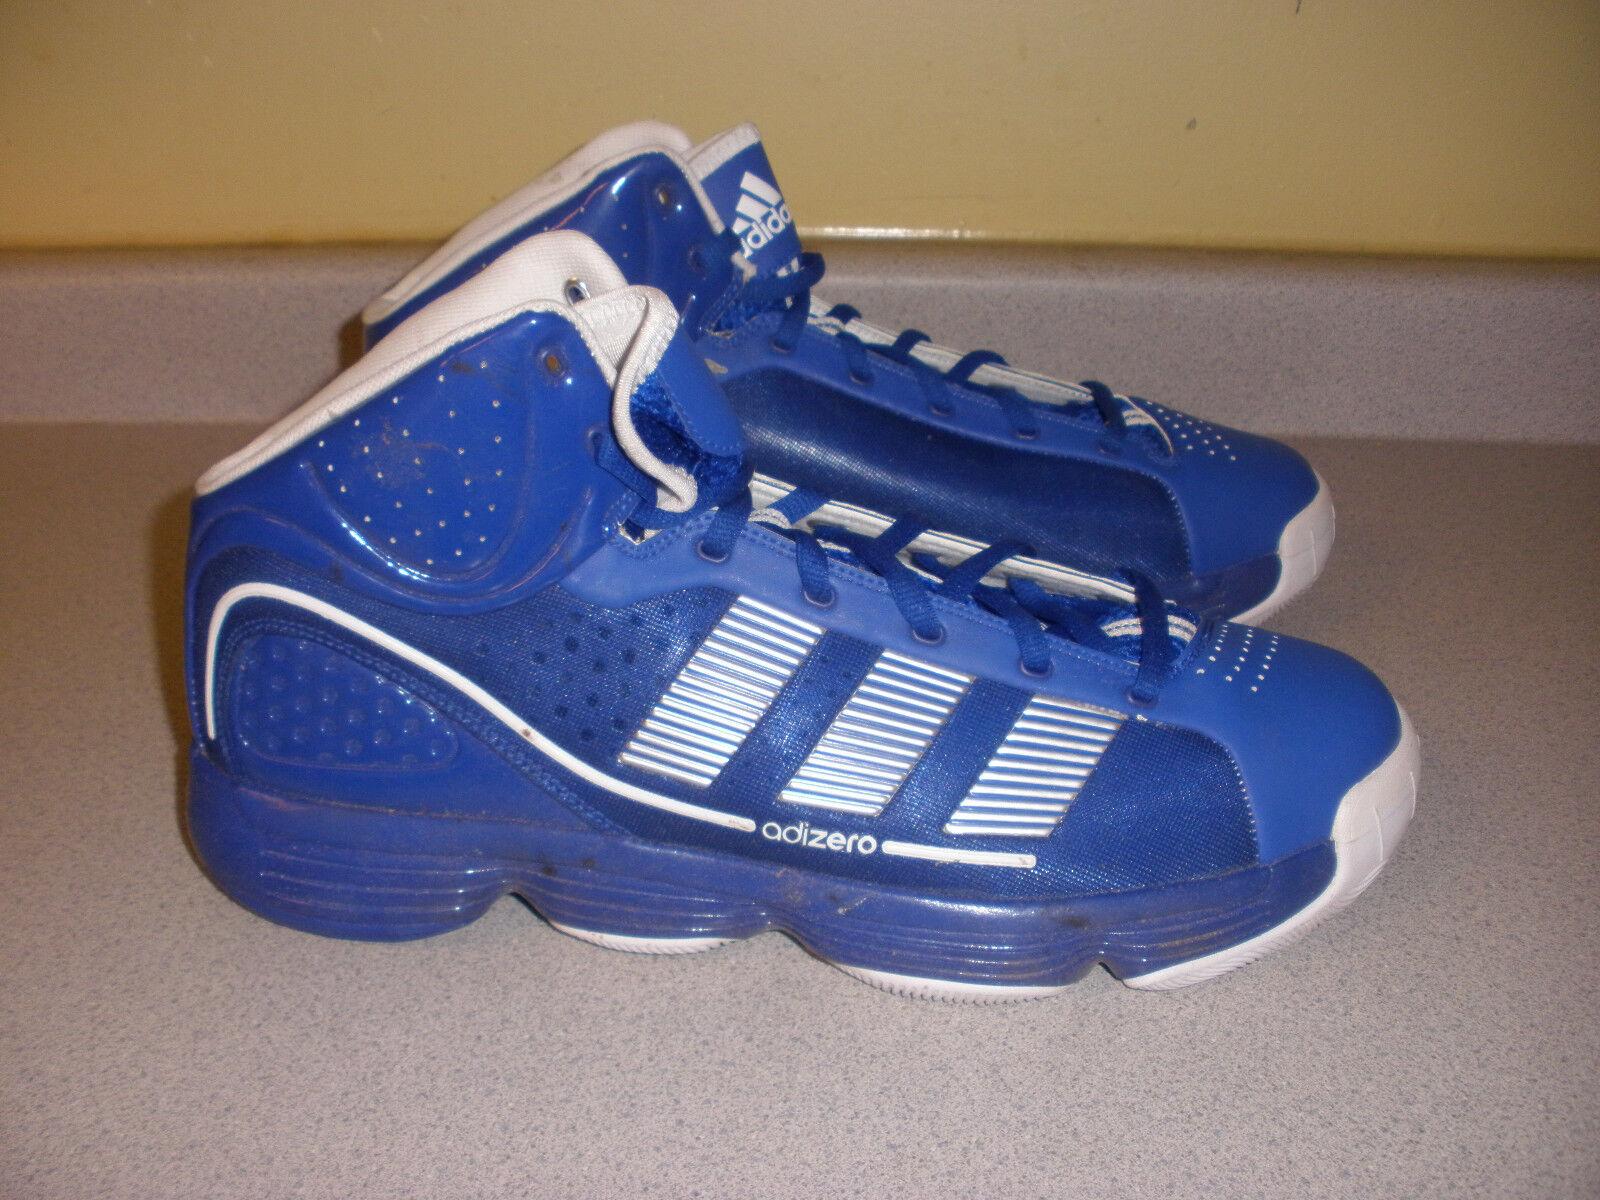 28 gemeinden g23956 adidas adizero infiltra basketball - schuhe der größe 15 blau